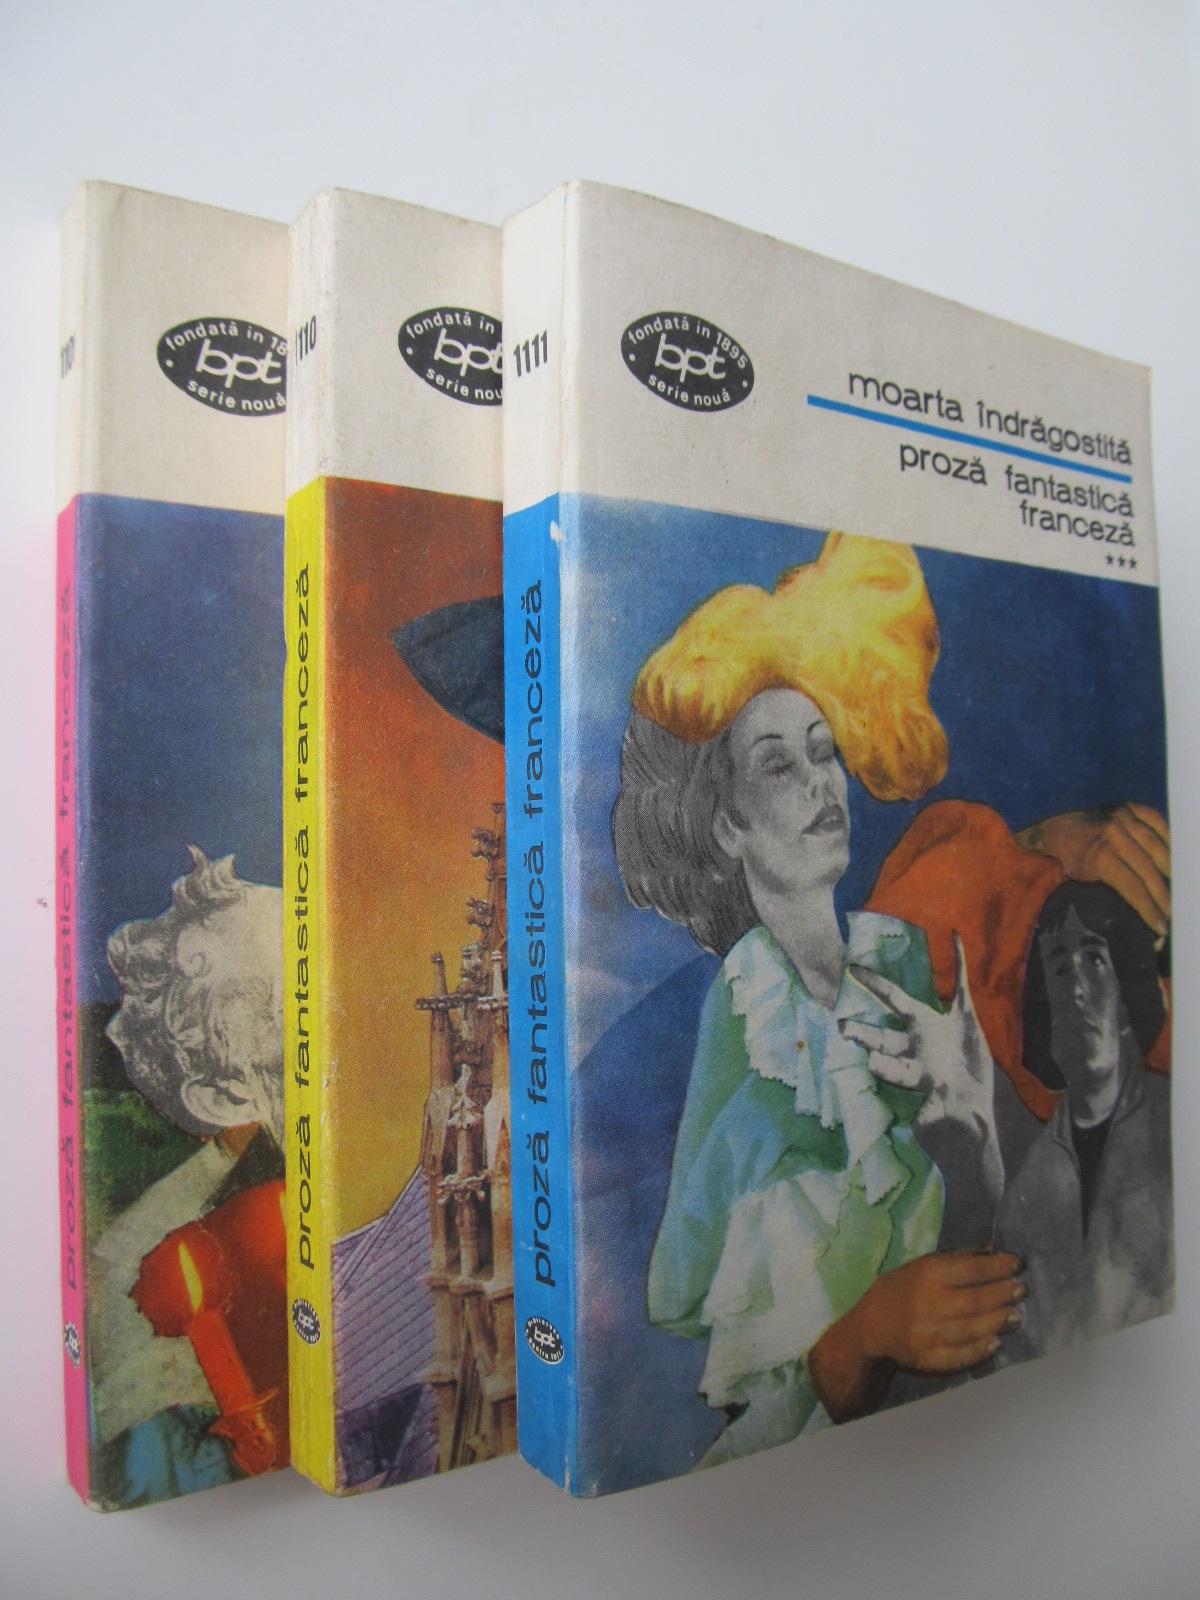 Proza fantastica franceza (3 vol.) -(antologie) - complet - *** | Detalii carte